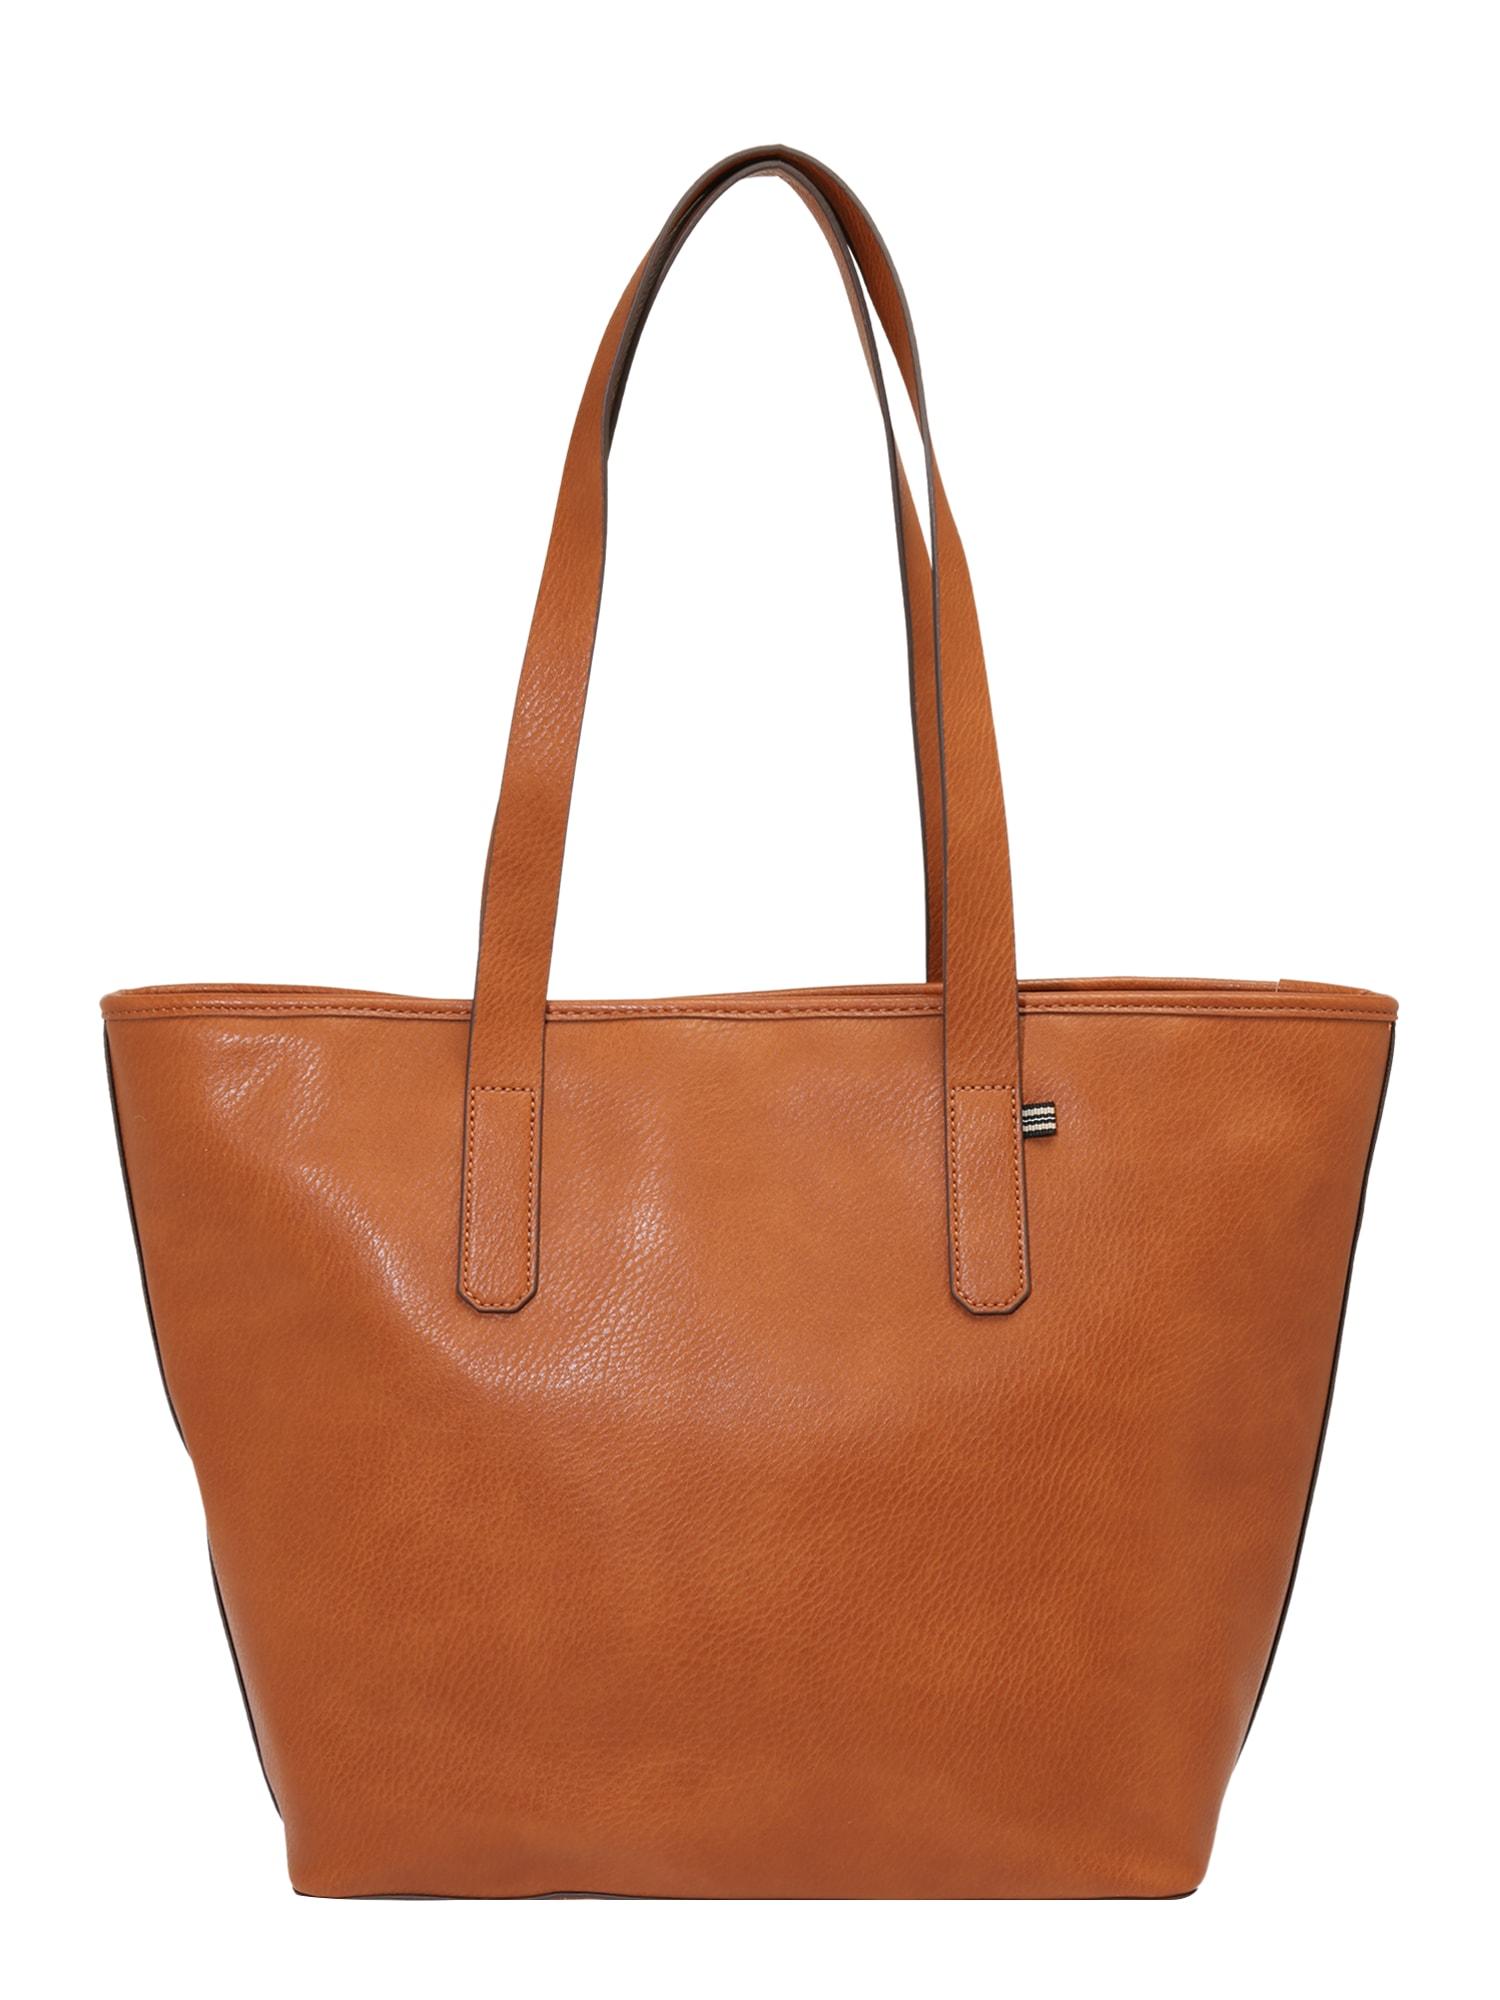 ESPRIT Pirkinių krepšys ruda (konjako)